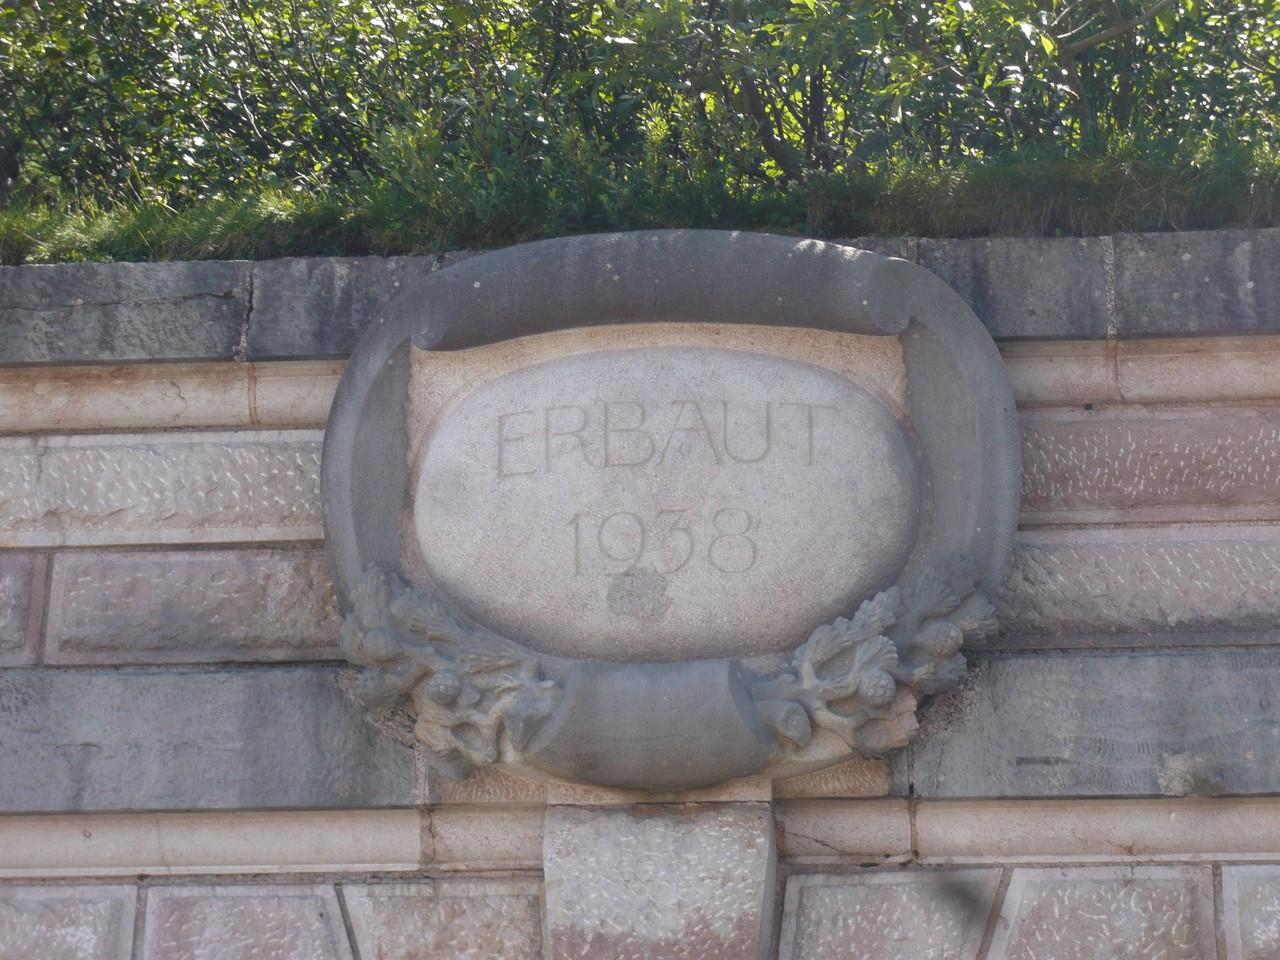 Zahranicni_exkurze_Dachau_Orli_Hnizdo07